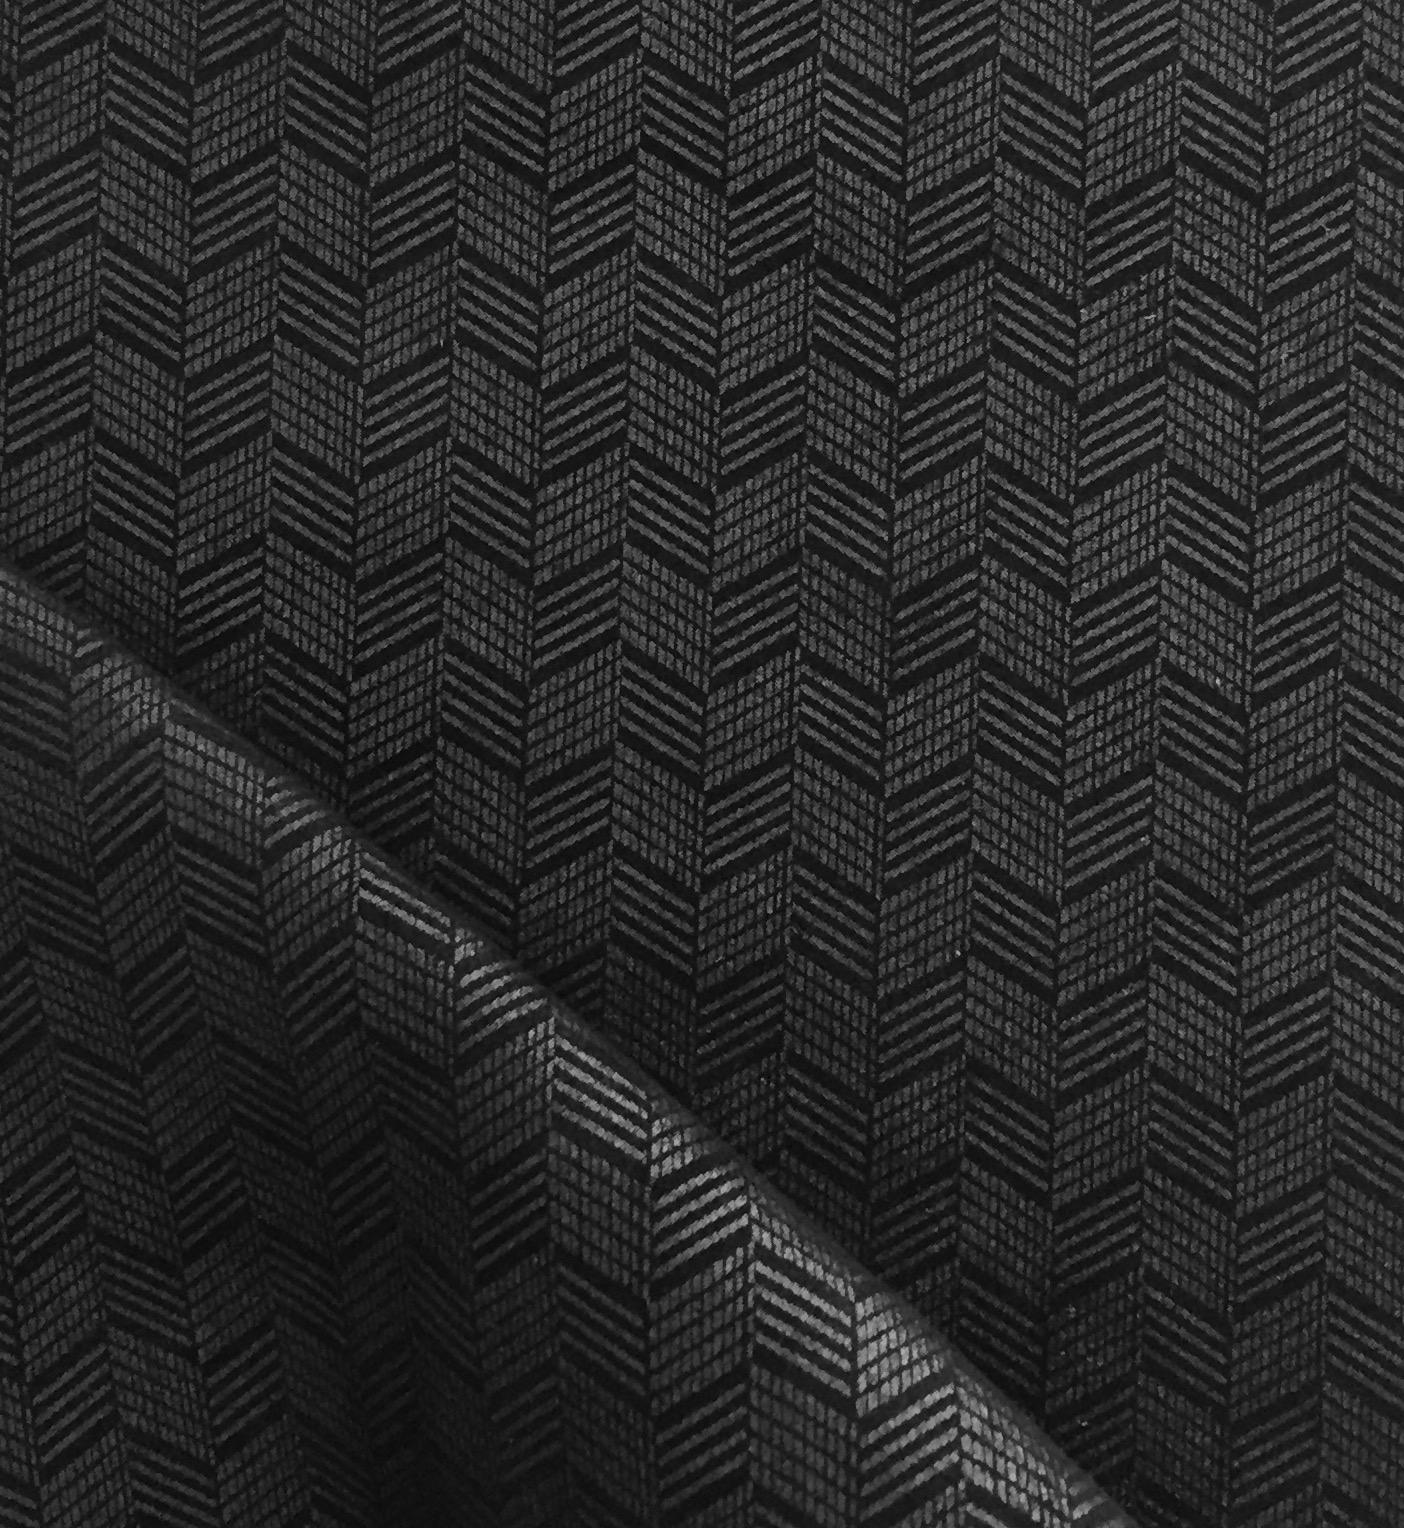 Chevron Pattern, Gunmetal foil on Black